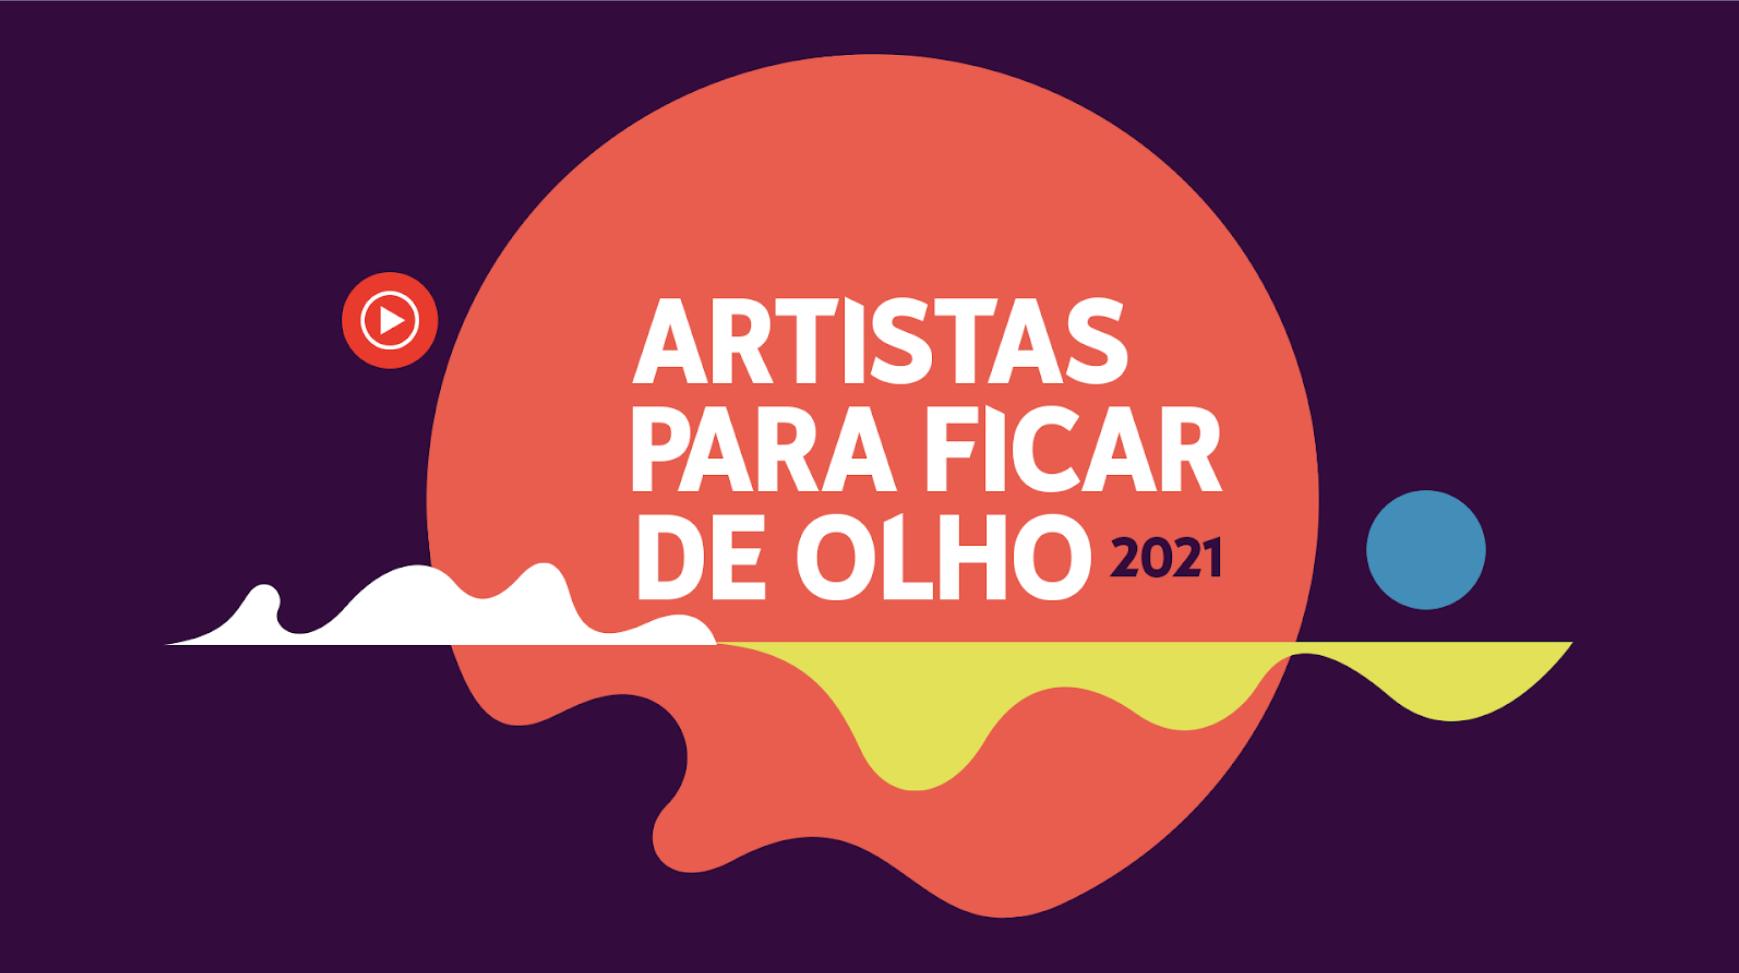 Conheça os artistas para ficar de olho em 2021